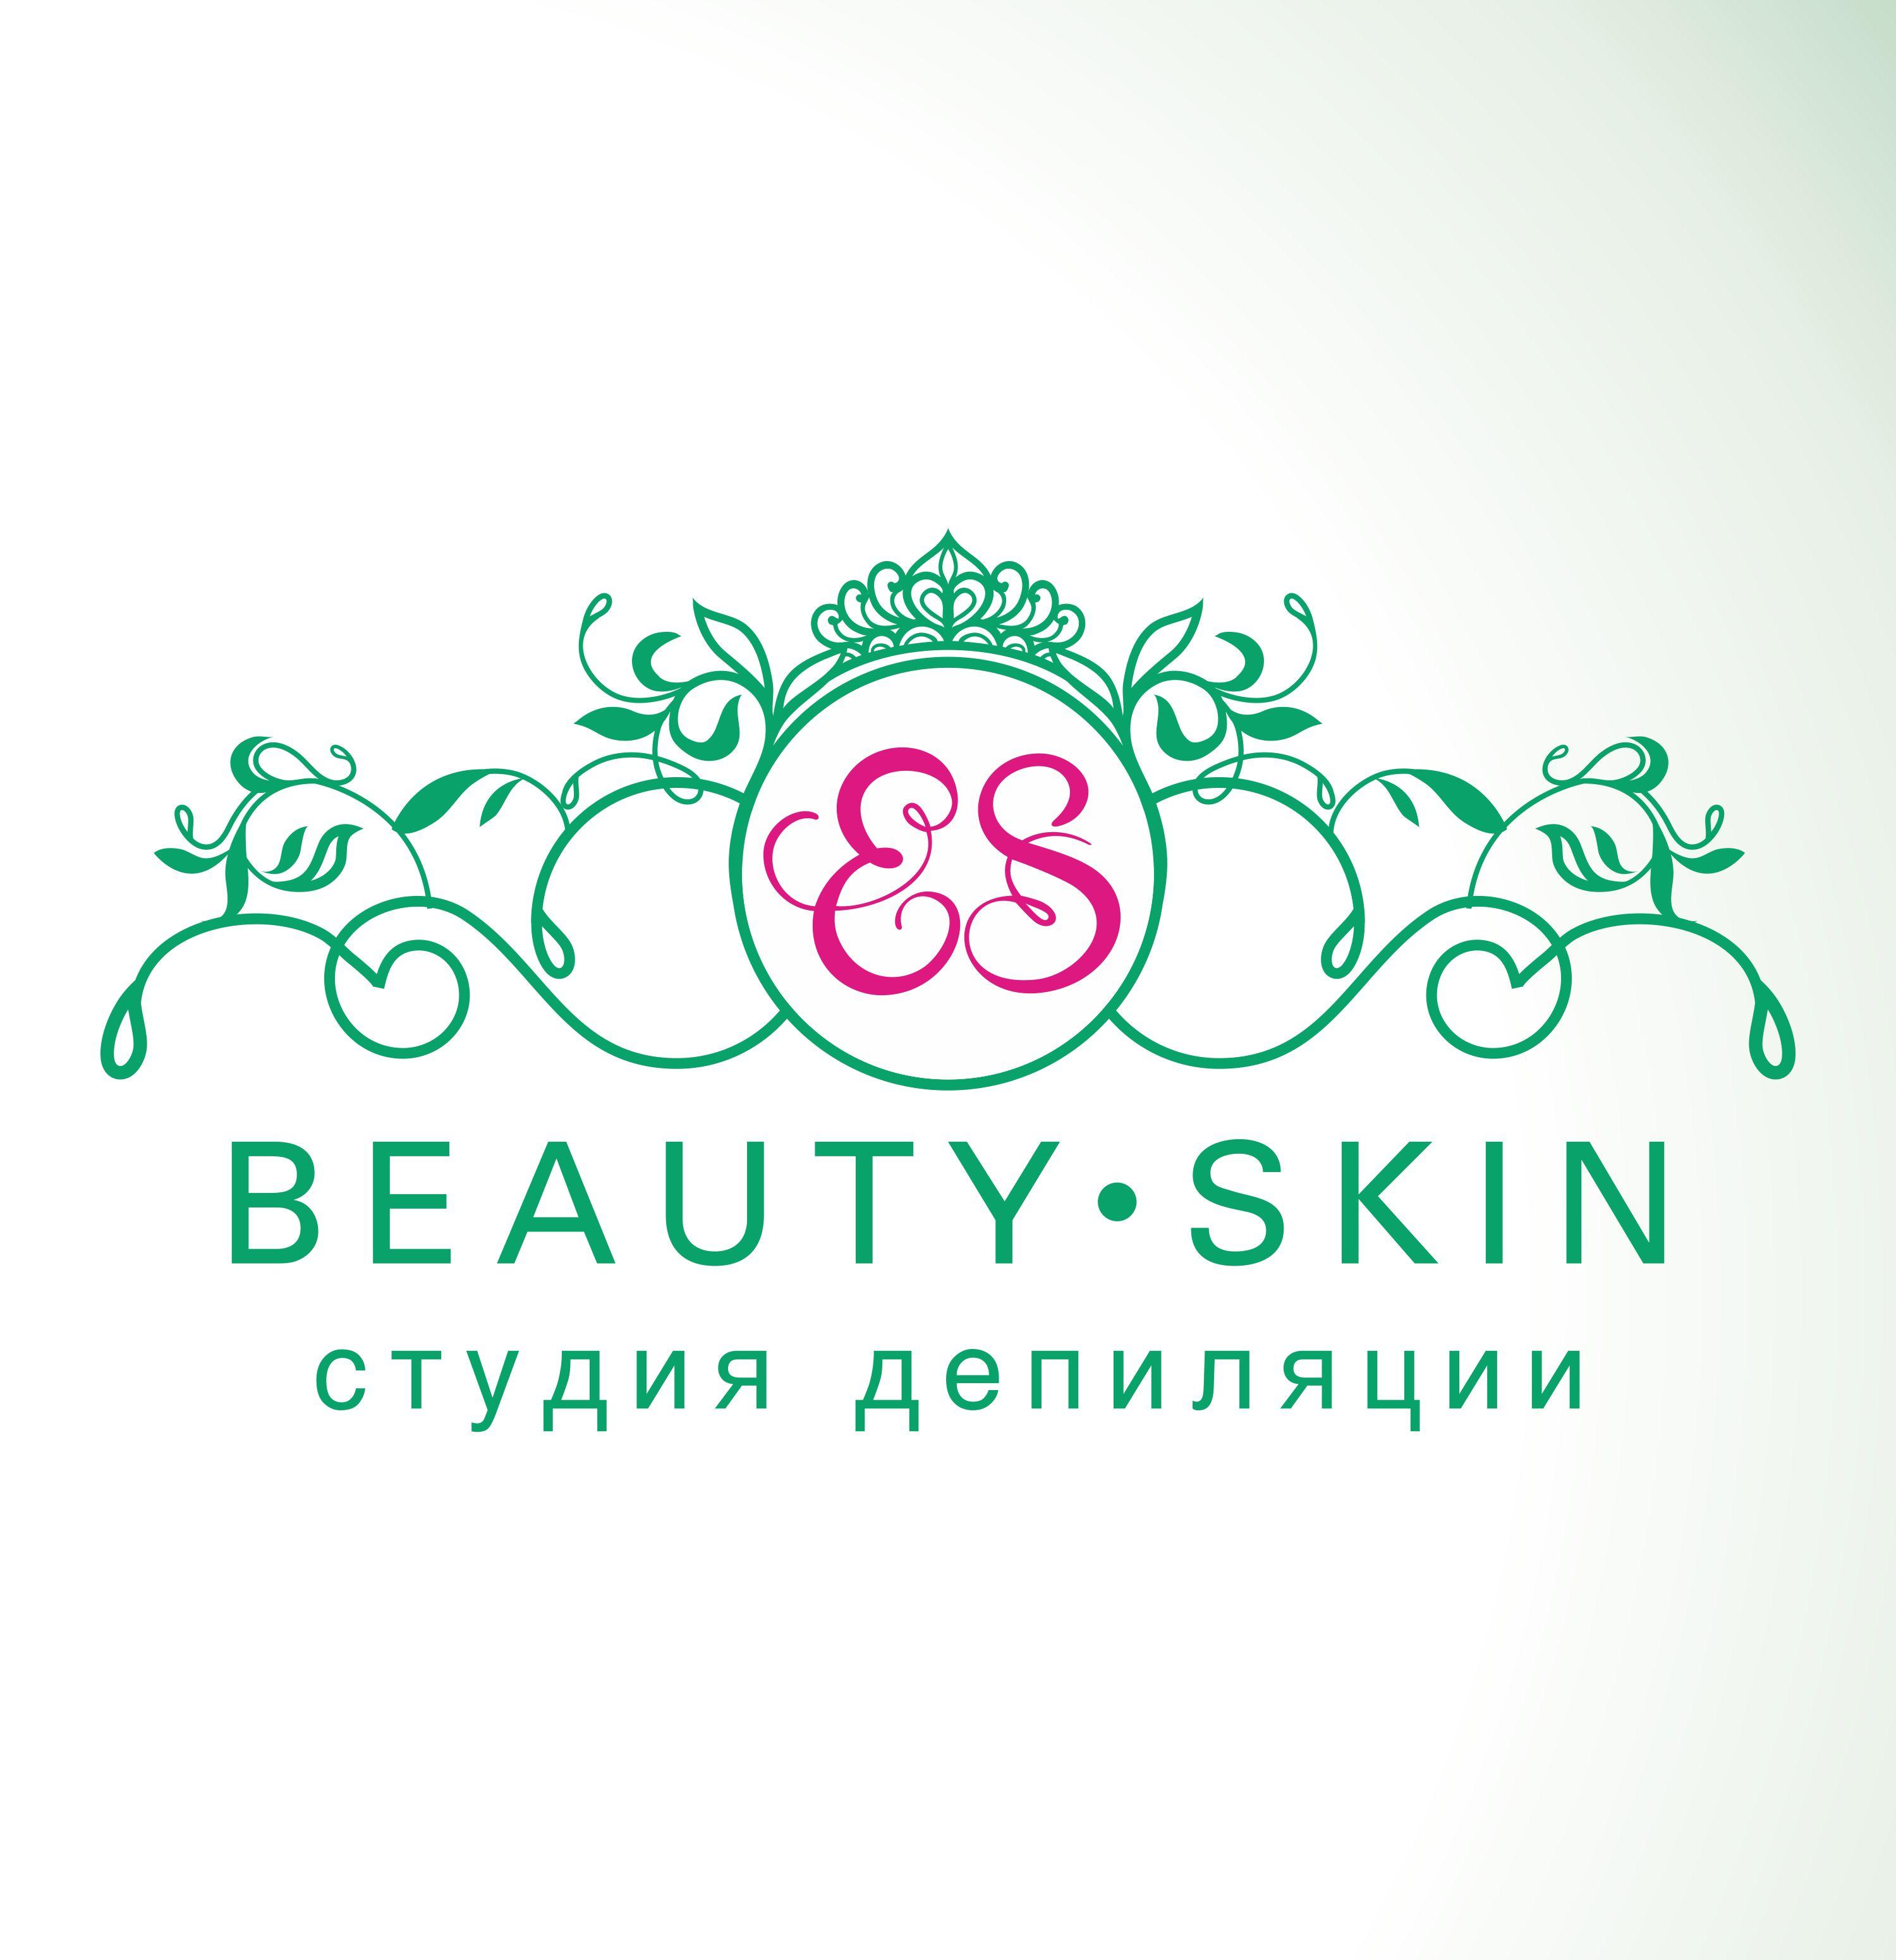 лого ES Beaty skin